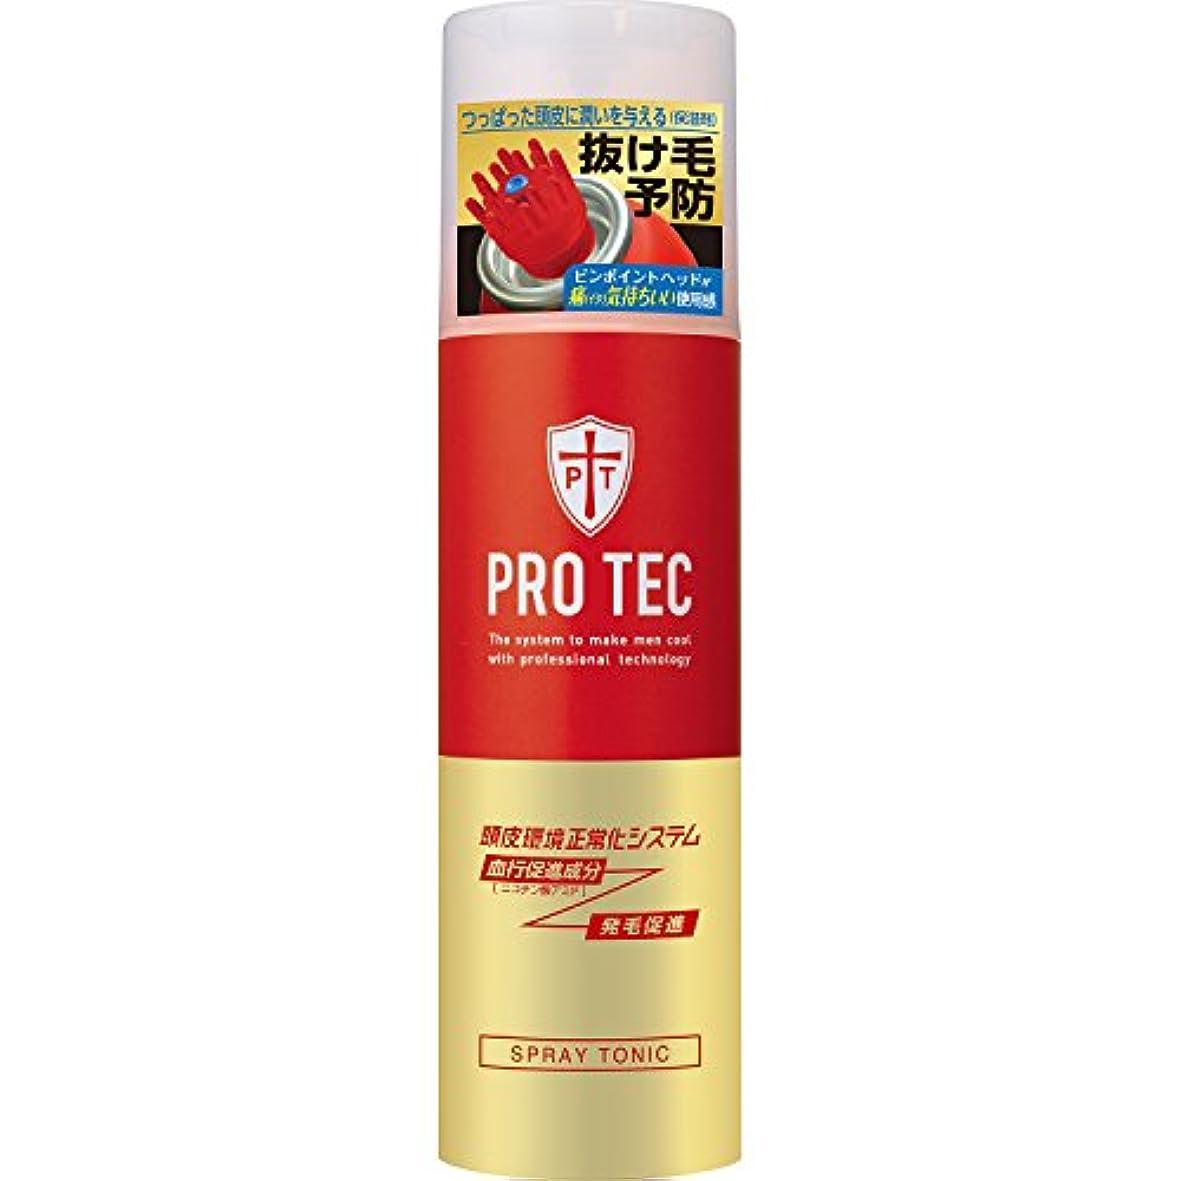 大声で骨銛PRO TEC(プロテク) スプレートニック 150g(医薬部外品)